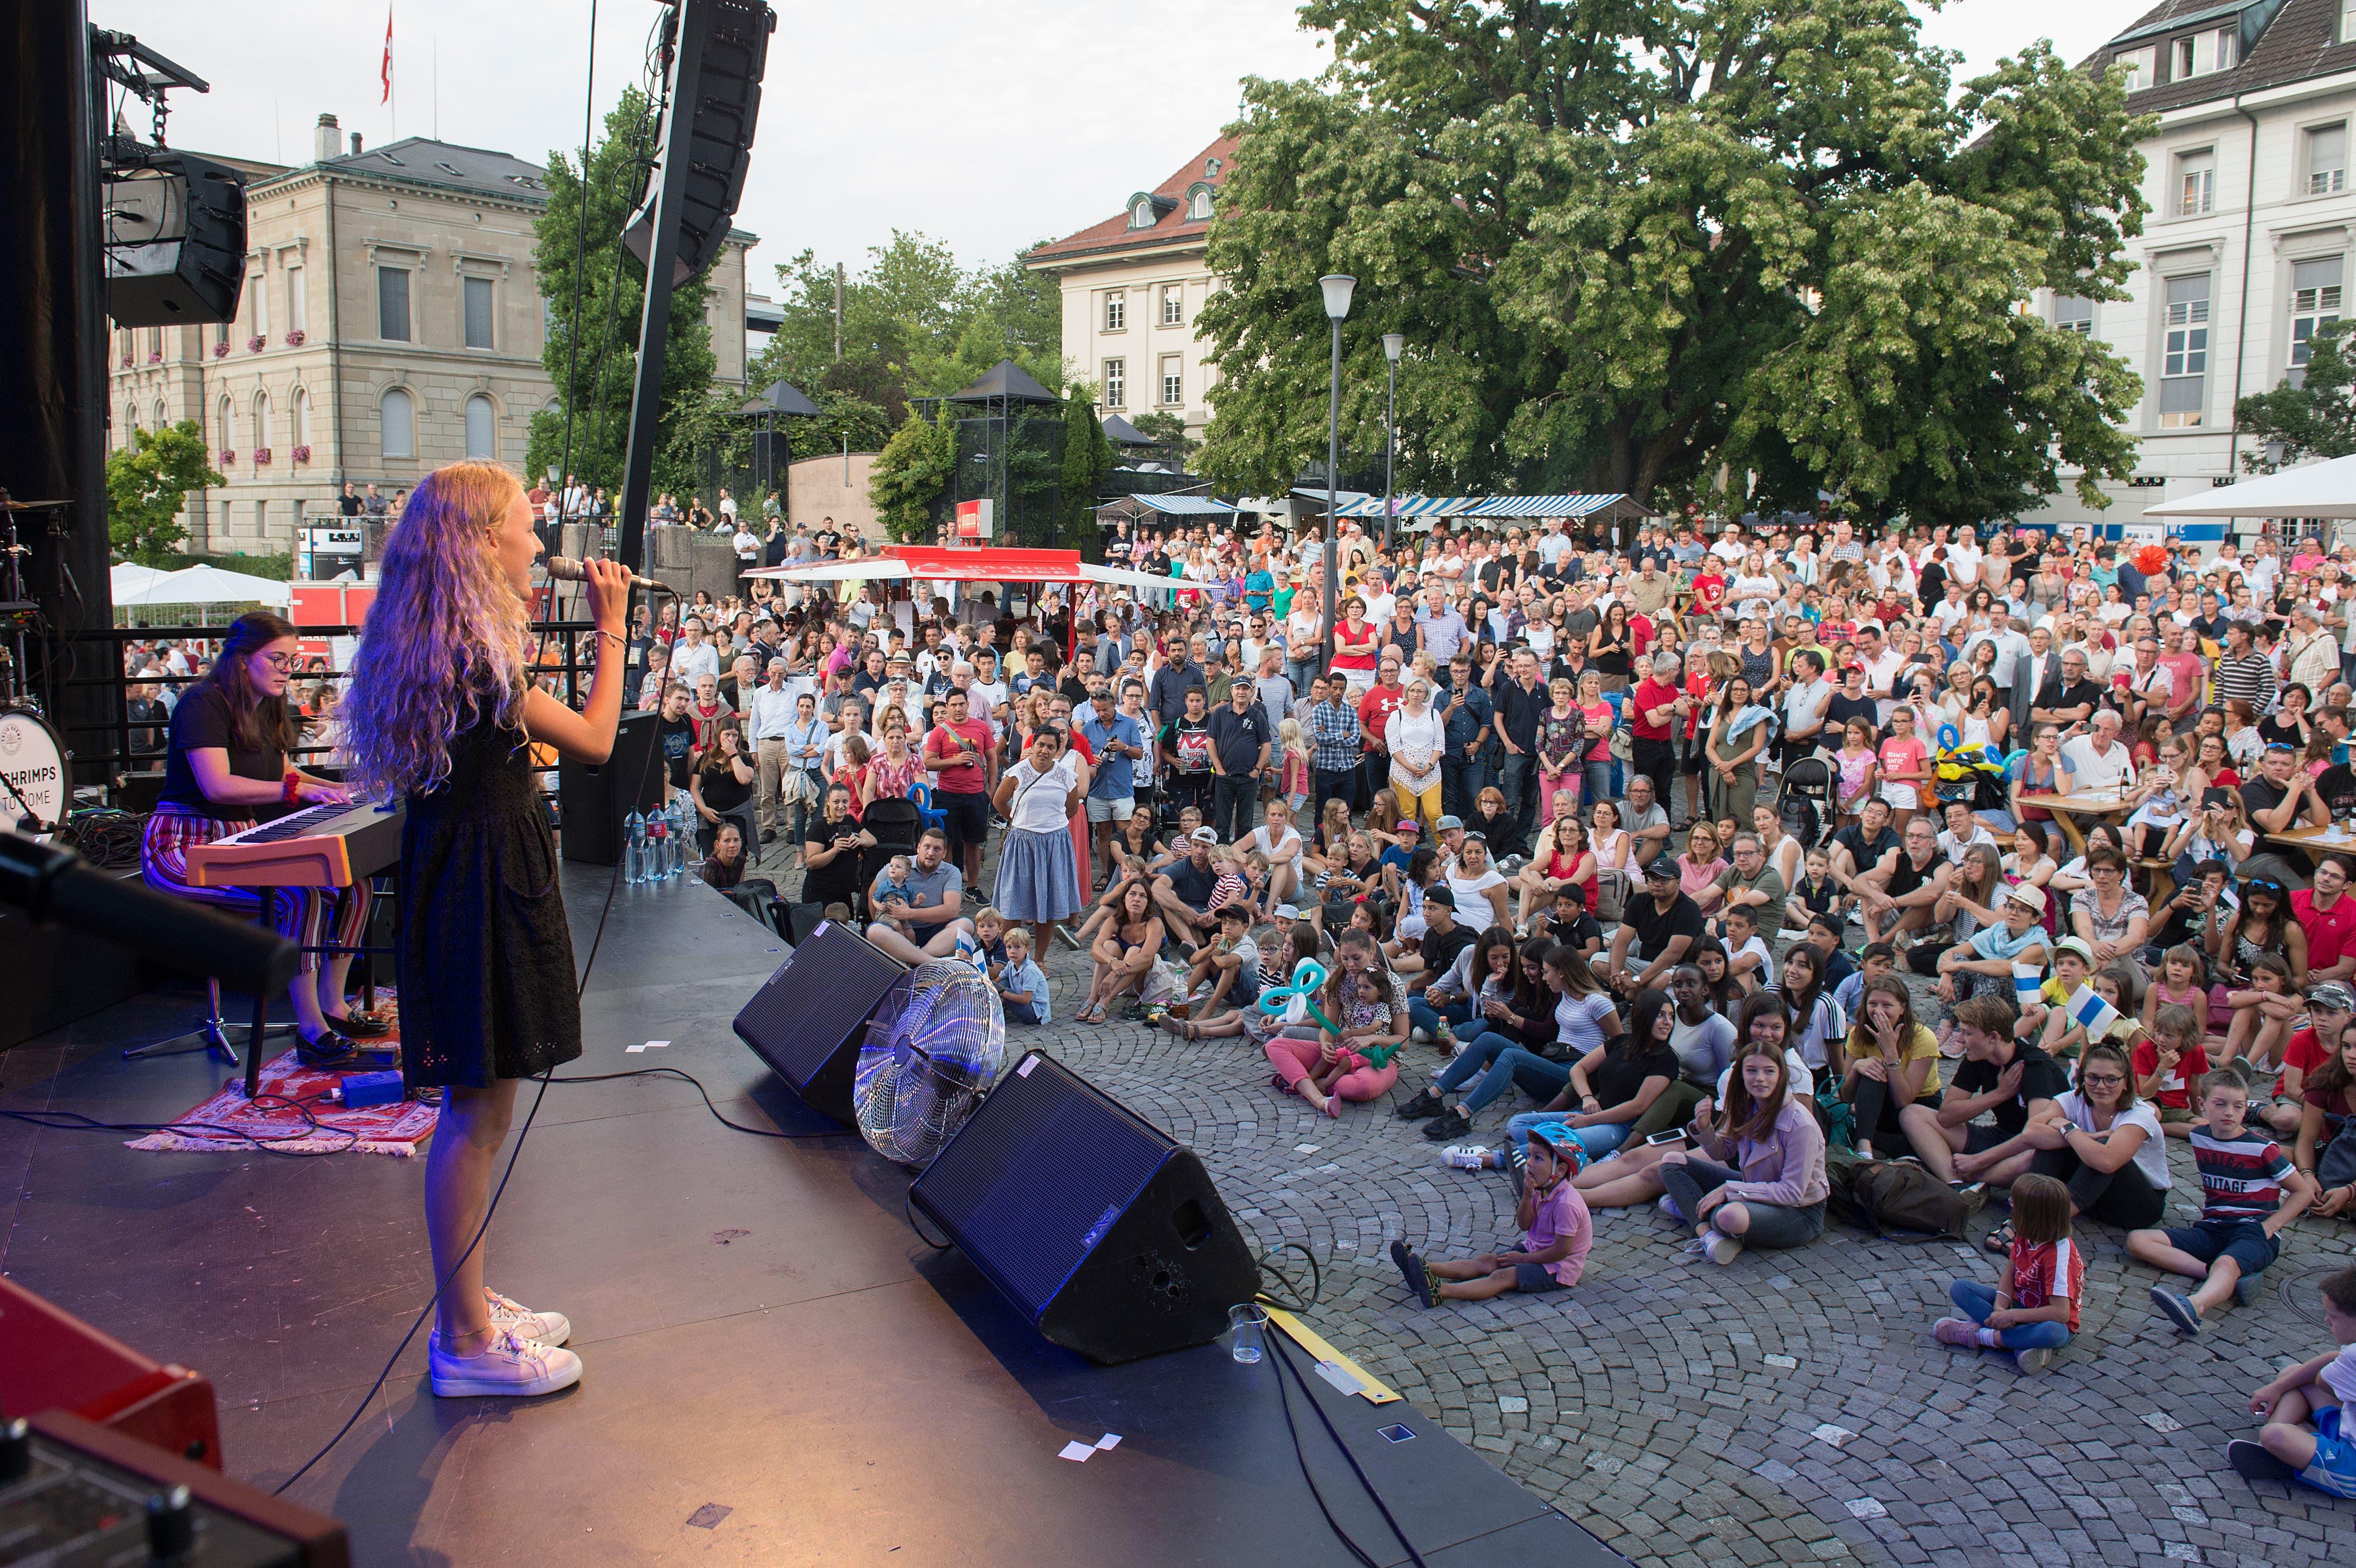 Auf dem Landsgemeindeplatz in der Stadt Zug sang die junge Musicaldarstellerin Lou Vogel  die Nationalhymne. (Bild: Maria Schmid, Zug, 1. August 2019)